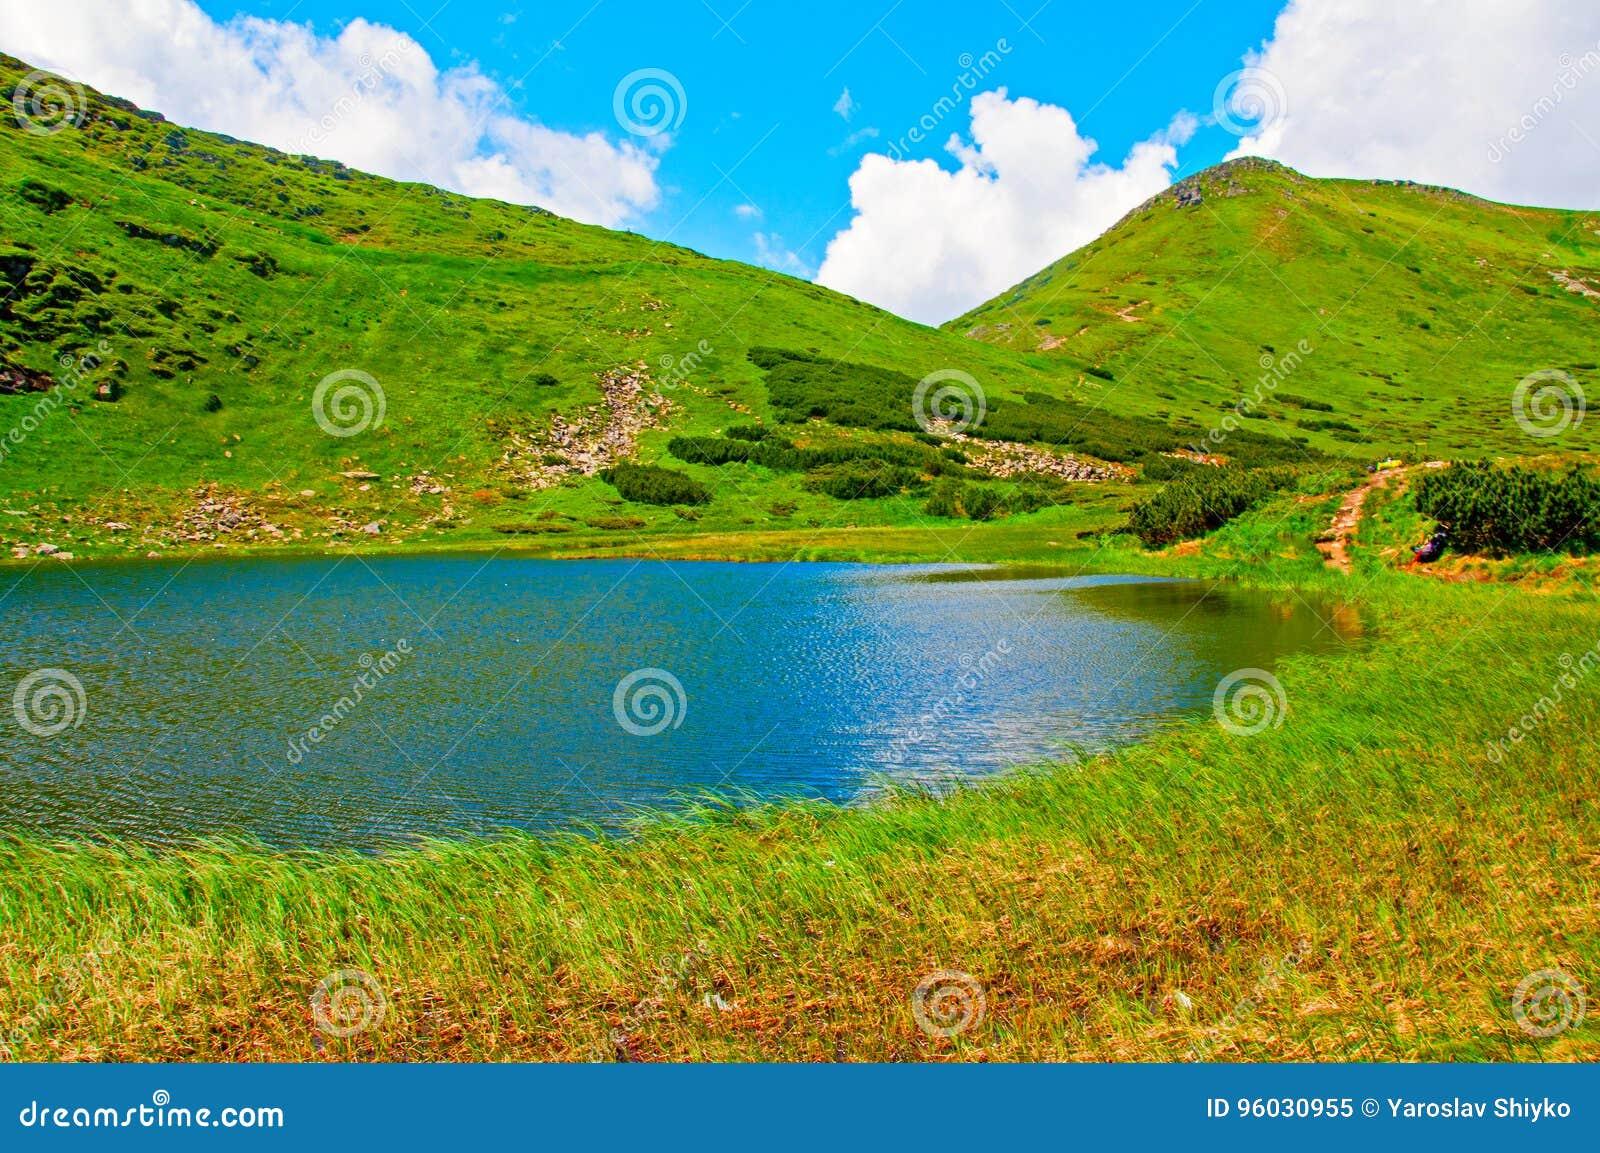 Paysage de montagne avec le lac et les nuages dans le ciel